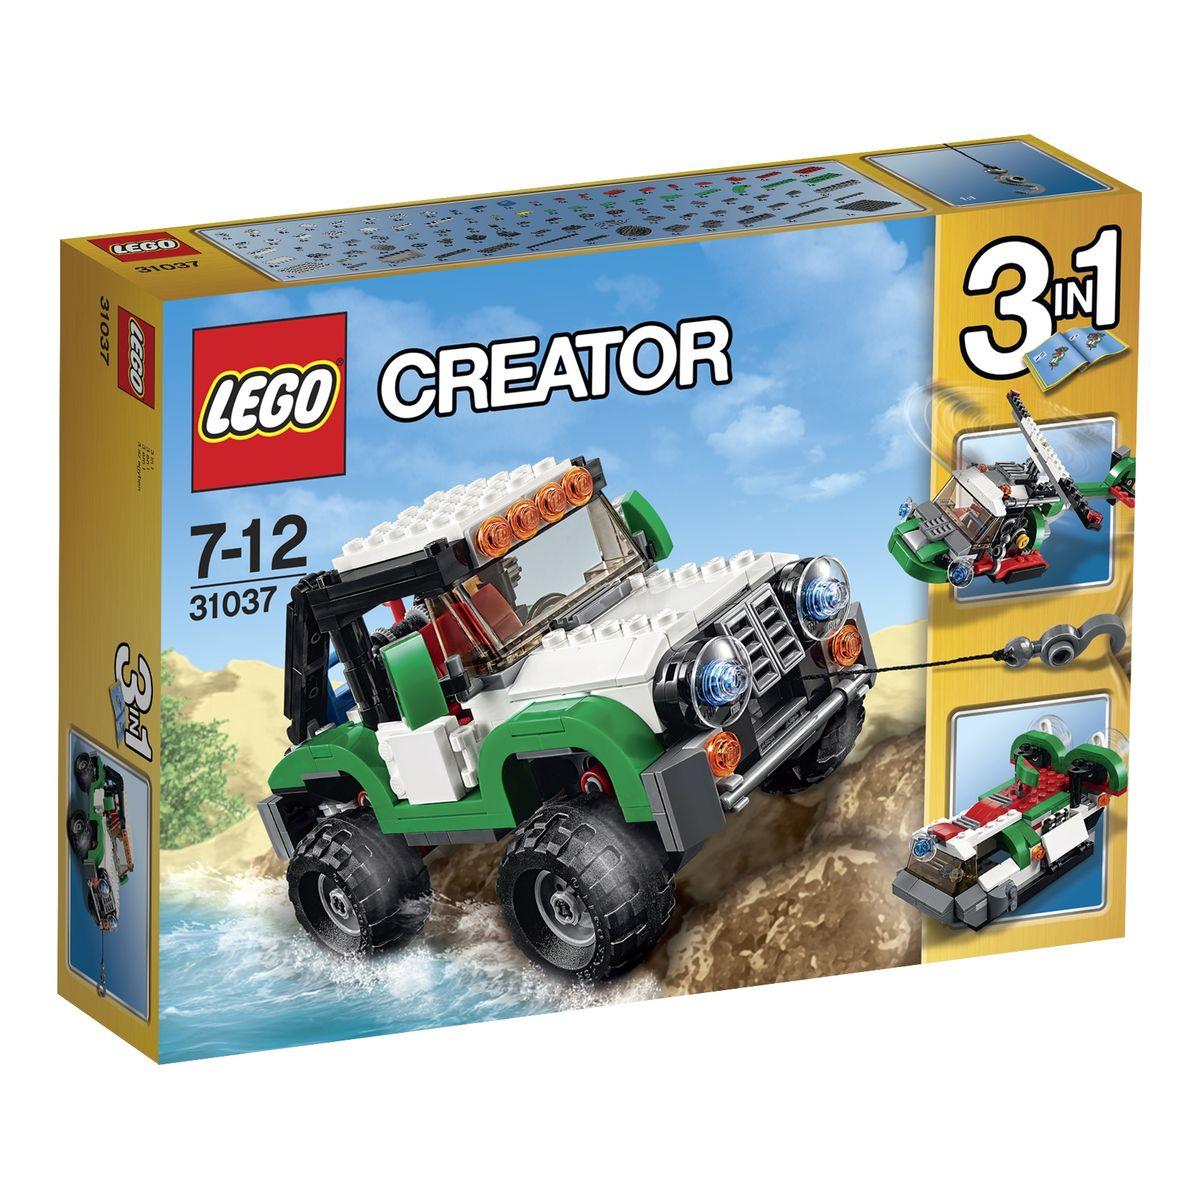 LEGO Creator Конструктор Внедорожники 3103731037Отправляйтесь в путешествие вместе с надежным внедорожником из набора LEGO 31037! Его корпус выполнен из контрастных, черно-белых деталей с добавлением зеленых элементов. Центральное место занимает кабина водителя, оборудованная тонированным ветровым стеклом, боковыми зеркалами и системой прожекторов. Открыв дверцы можно заглянуть внутрь кабины и рассмотреть интерьер, состоящий из двух красных сидений, приборной панели и руля. Перед кабиной виден массивный капот. Его отличительной особенностью являются большие фары, прямоугольная решетка радиатора и надежная лебедка с крюком. При помощи специального рычага, расположенного за креслом водителя, можно активировать лебедку и регулировать длину ее троса. Ходовая часть внедорожника представлена четырьмя большими колесами с рифлеными шинами и амортизаторами, которые сделают поездку более комфортной и безопасной. При желании модель джипа можно переделать в вертолёт с вращающимися винтами или в лодку на воздушной подушке. Игра с...